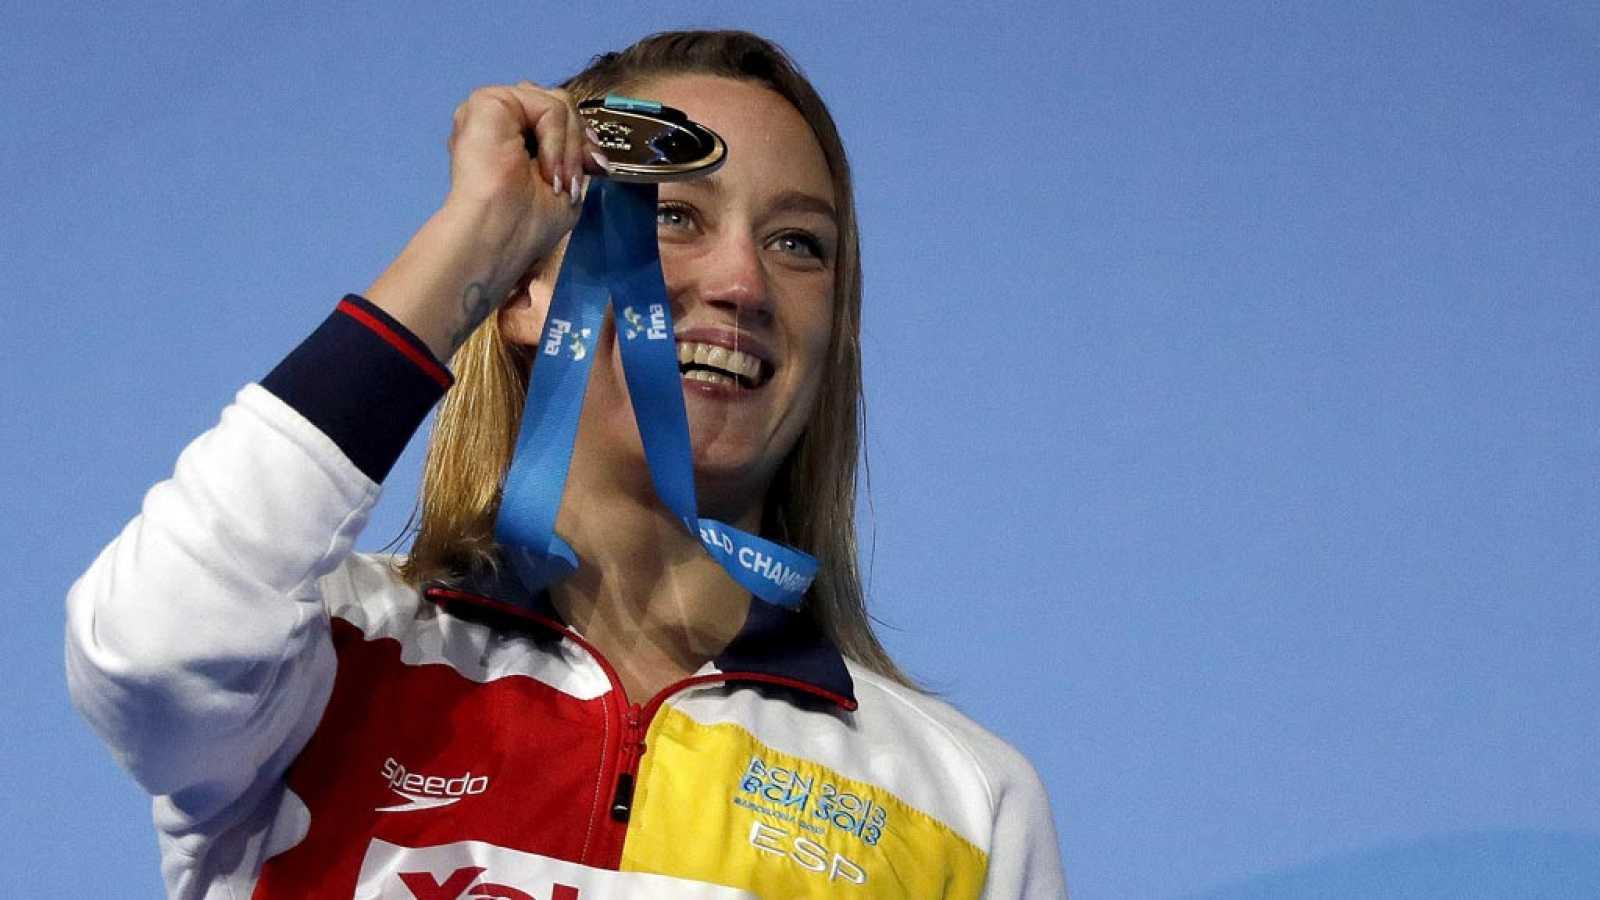 La nadadora Mireia Belmonte ha logrado el oro que le faltaba en 200 mariposa. Tenía el europeo, el olímpico y este jueves ha logrado el mundial en en Budapest.